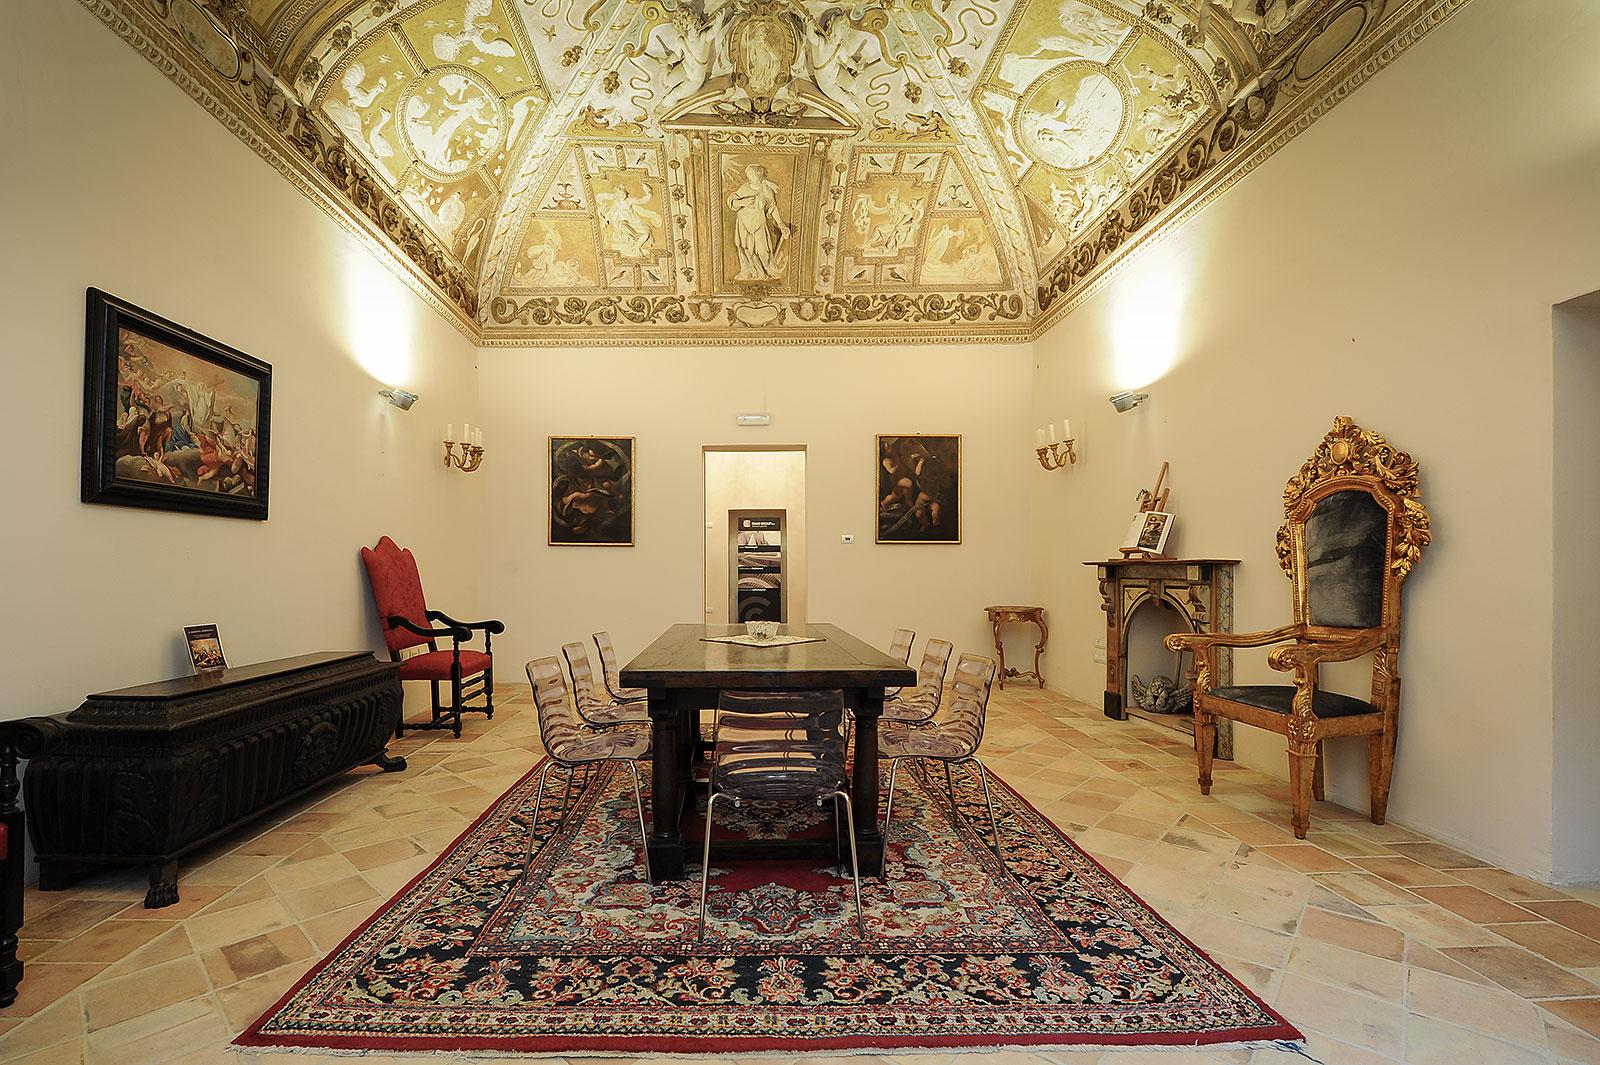 Sala polifunzionale piccola con tavolo e sedie a Foligno